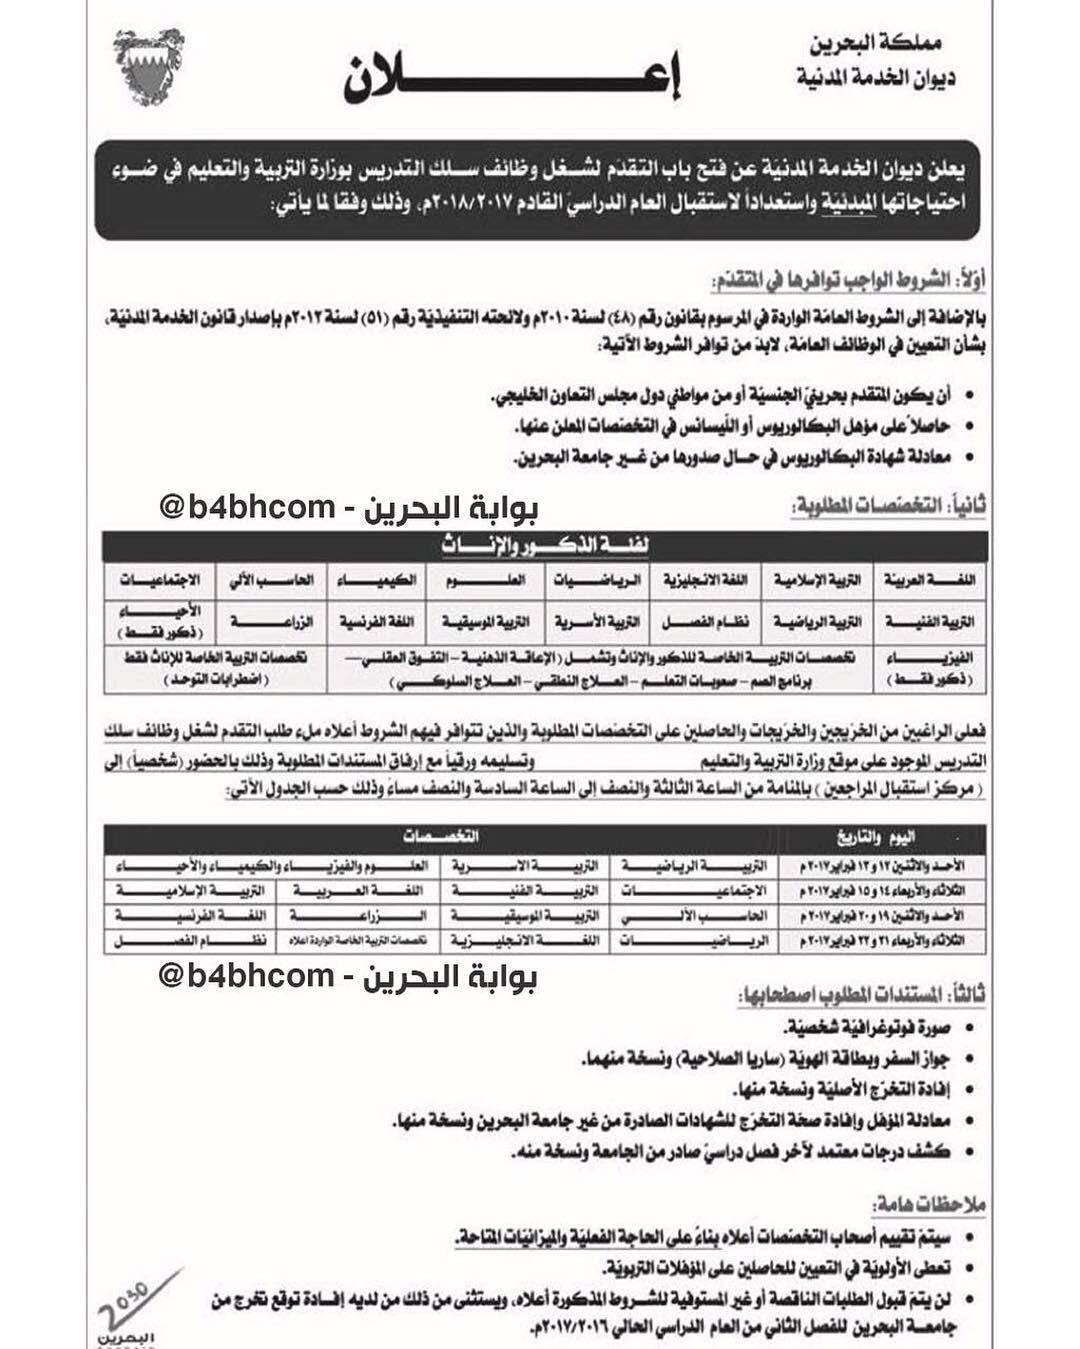 وظائف سلك التدريس بمدارس البحرين منشن لكل حملة البكالريوس في التخصصات المذكورة فعاليات البحرين Bahrain Events السياحة في Instagram Posts Instagram Post